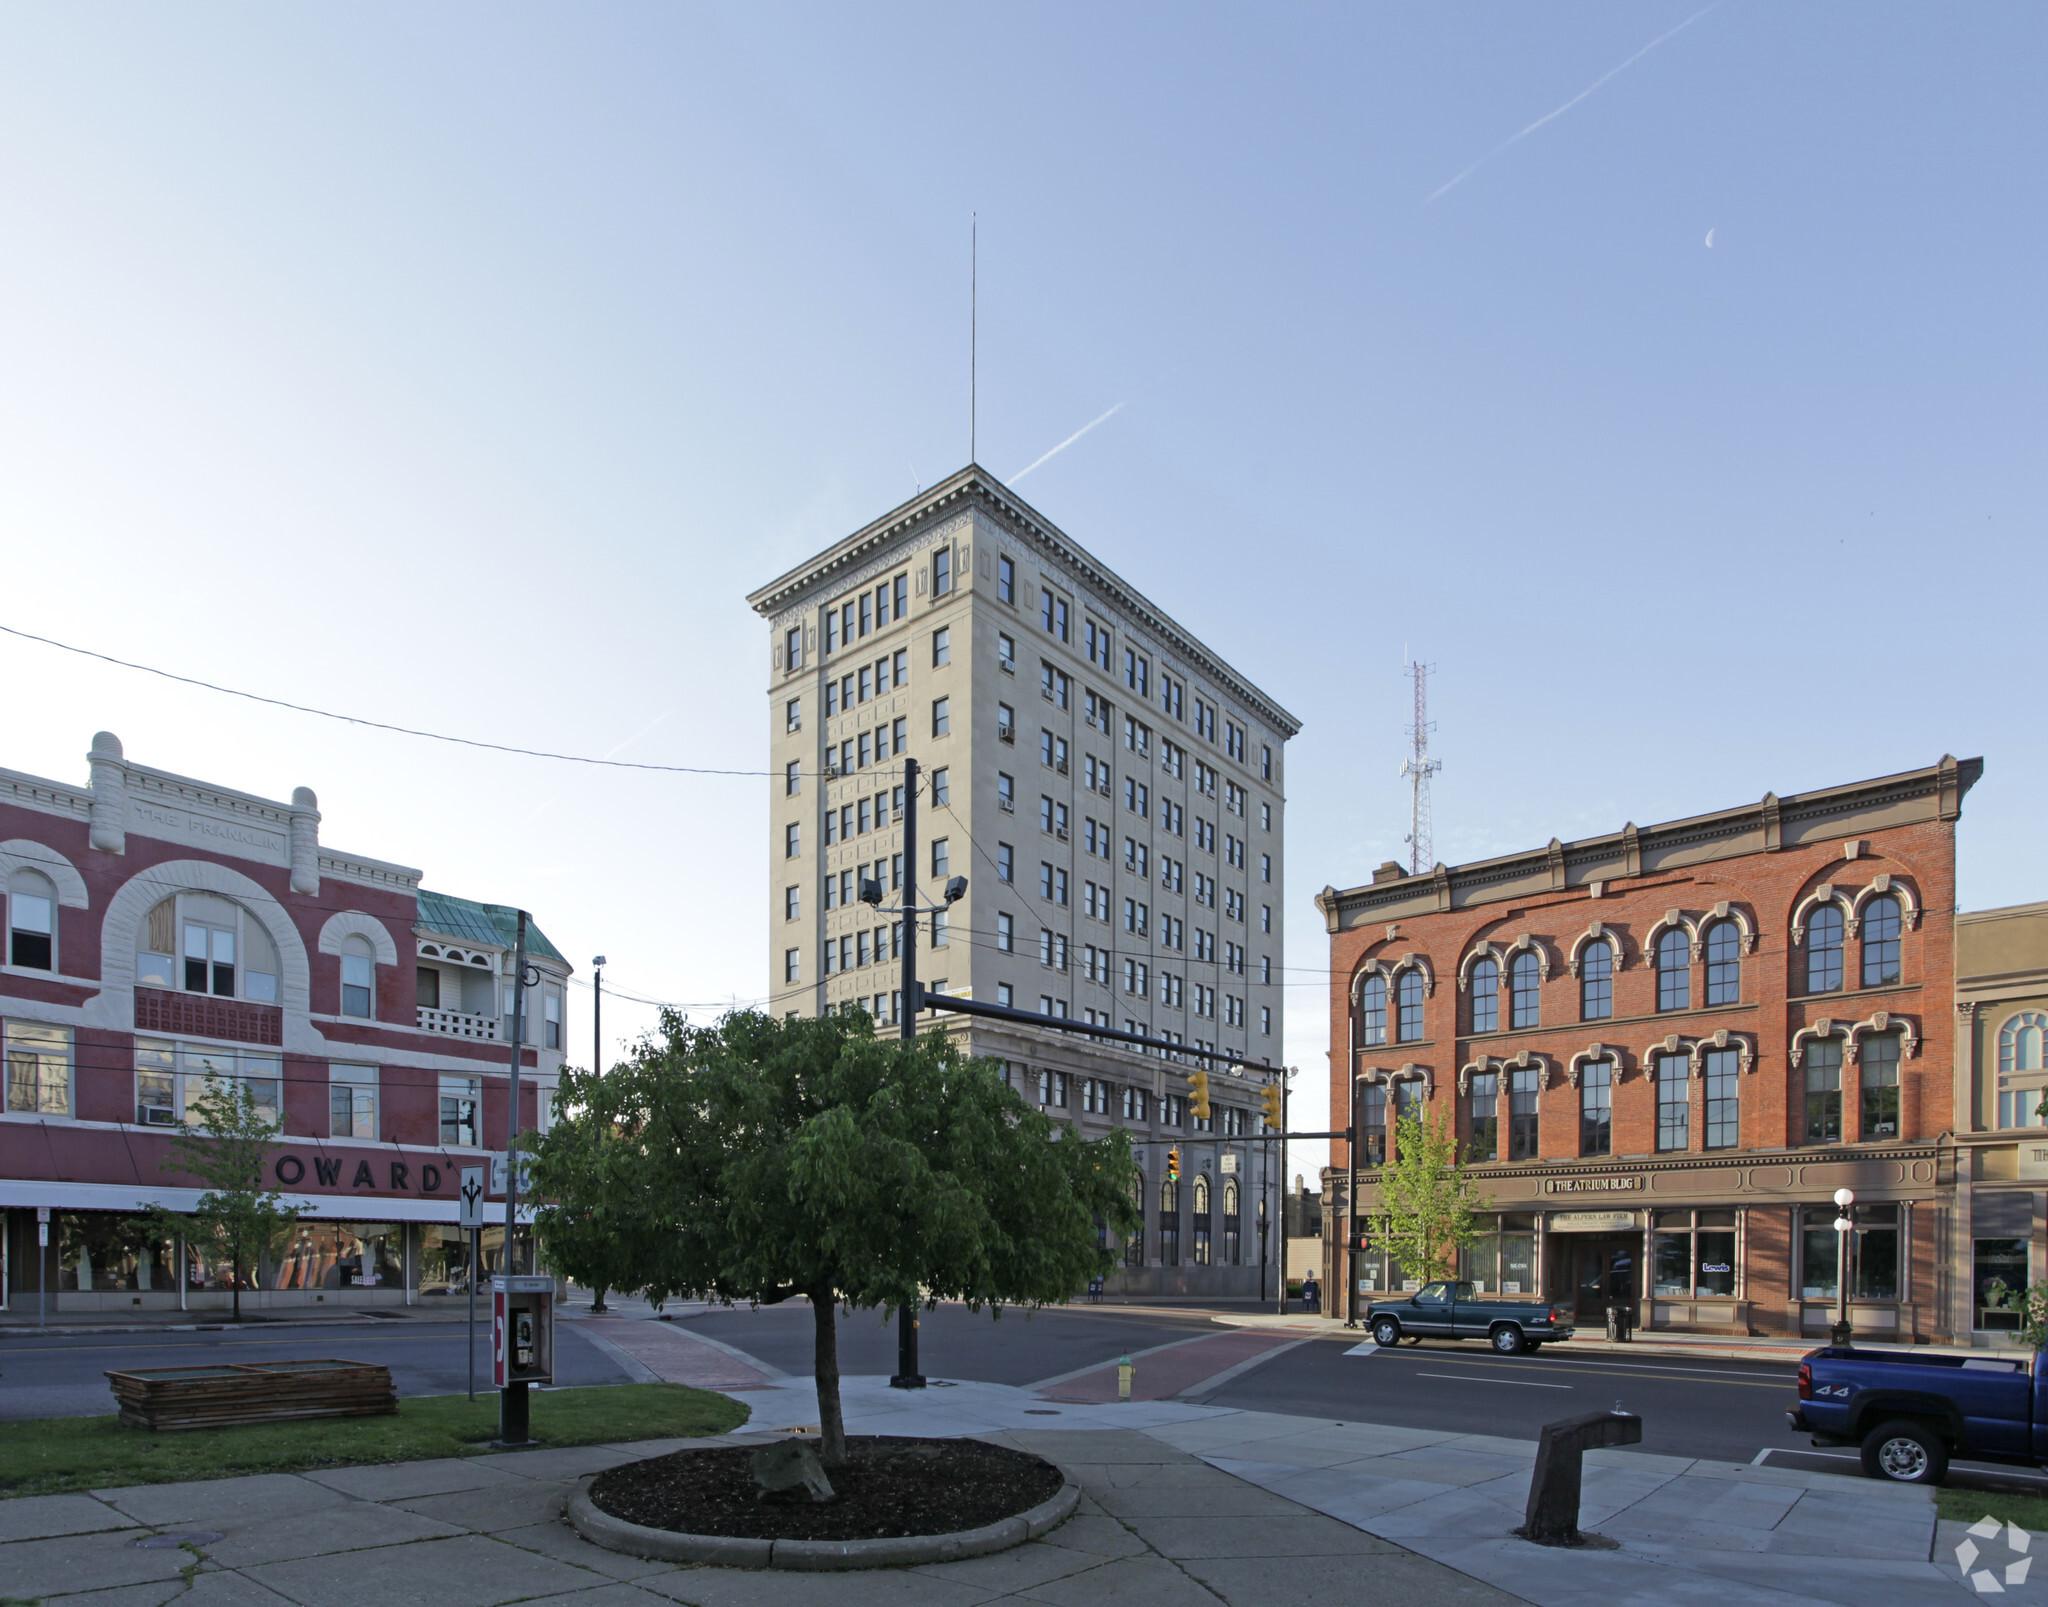 106 E Market Street Building in Warren